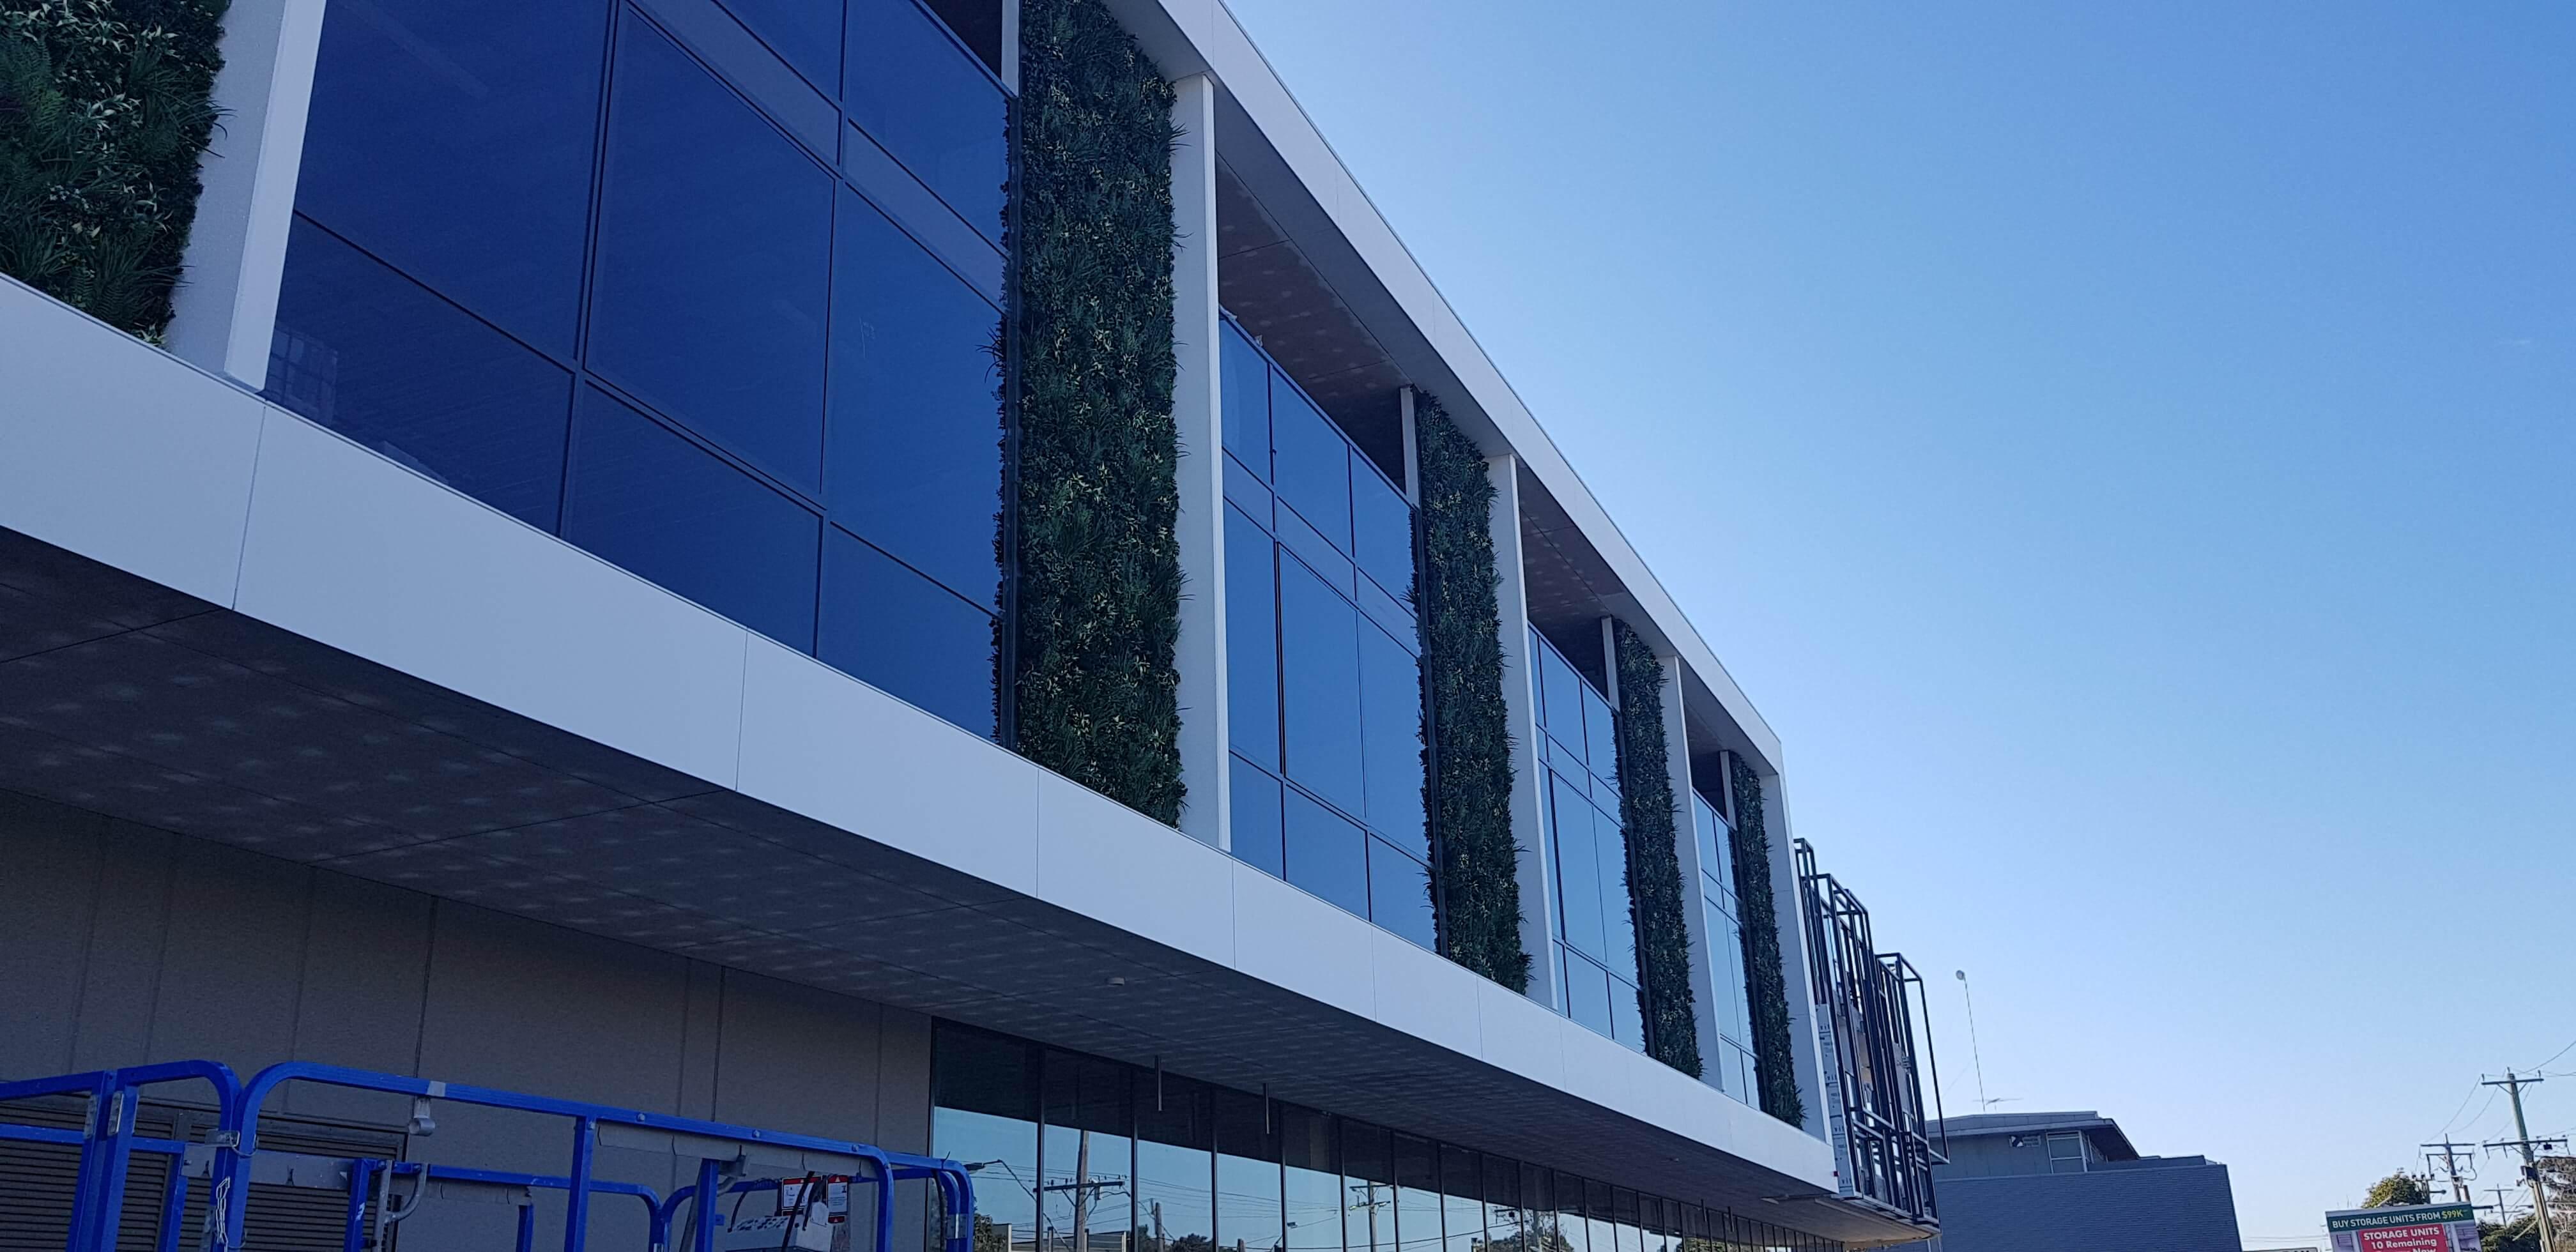 Commercial Green Wall Facade